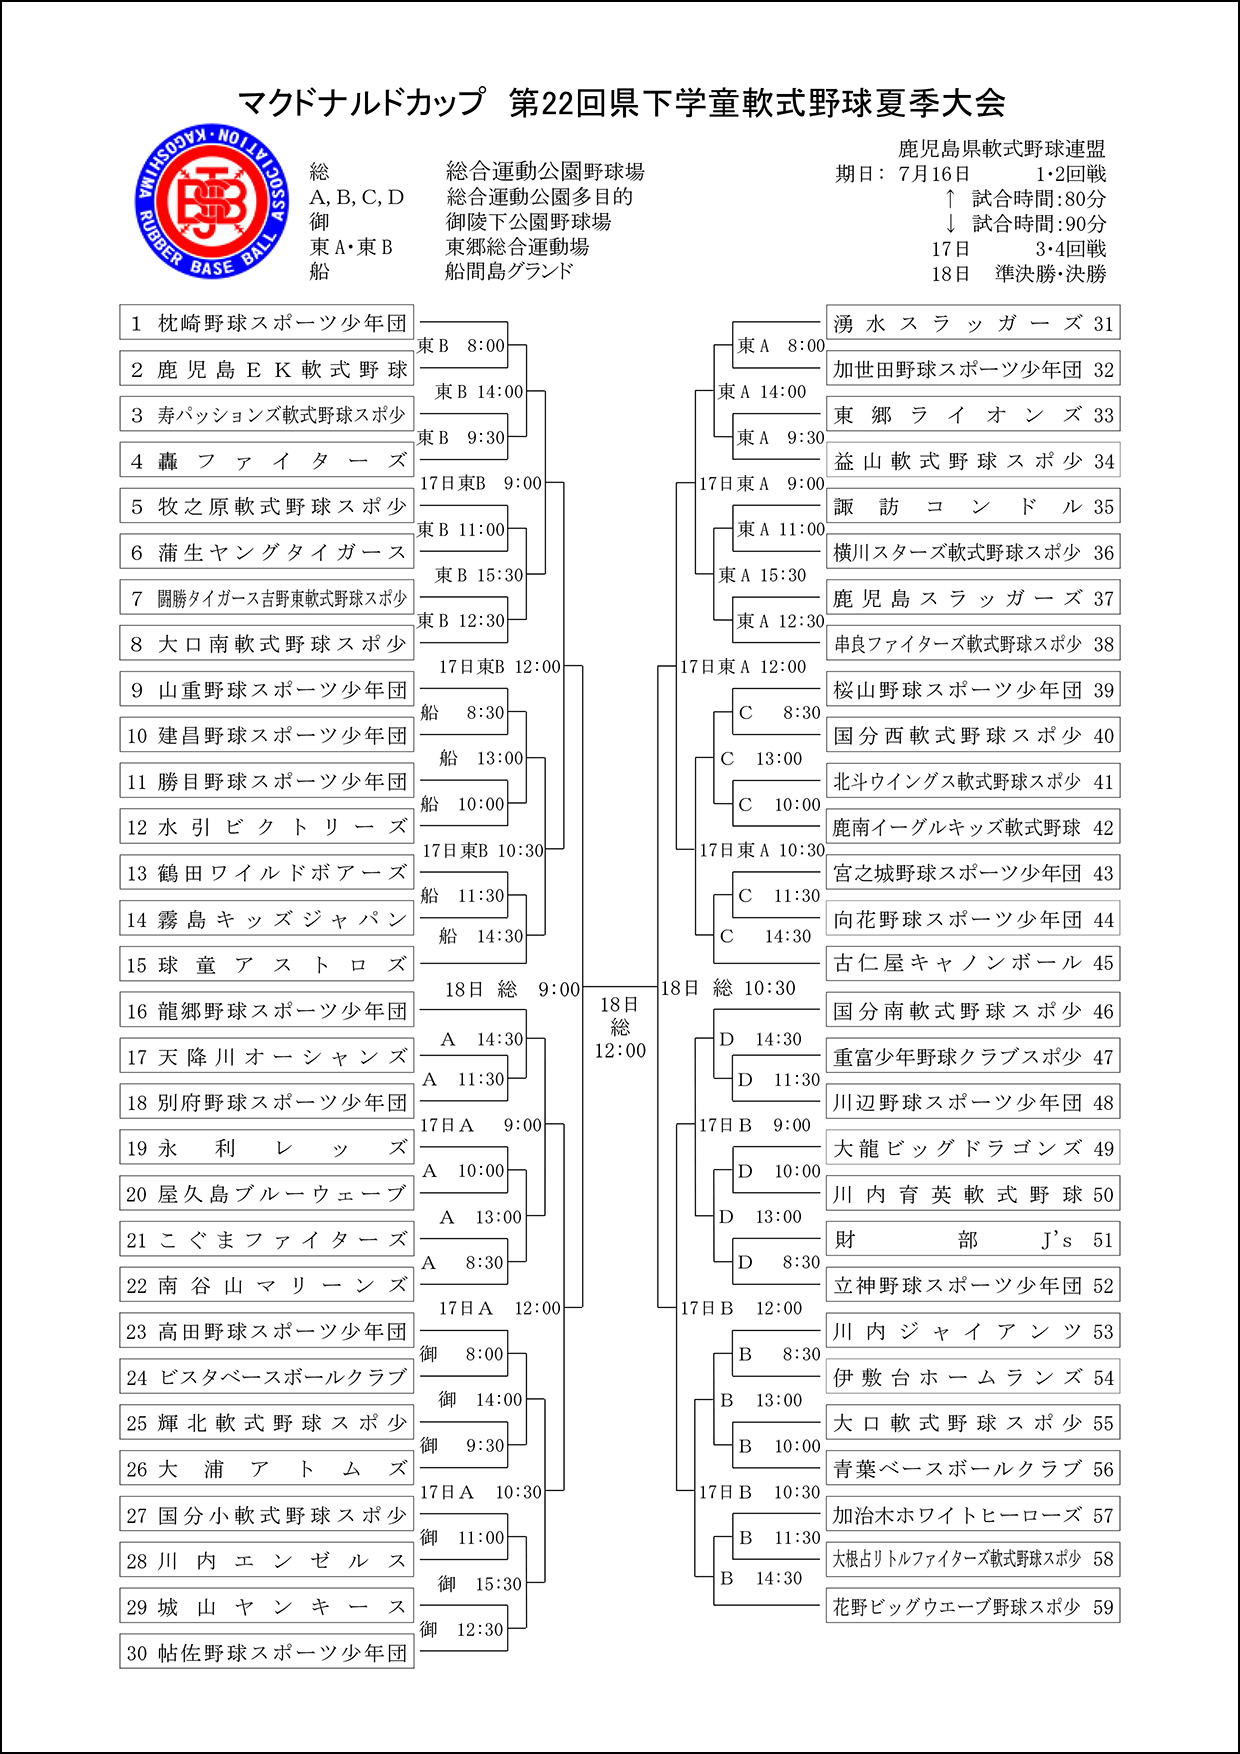 マクドナルドカップ-第22回県下学童軟式野球夏季大会002